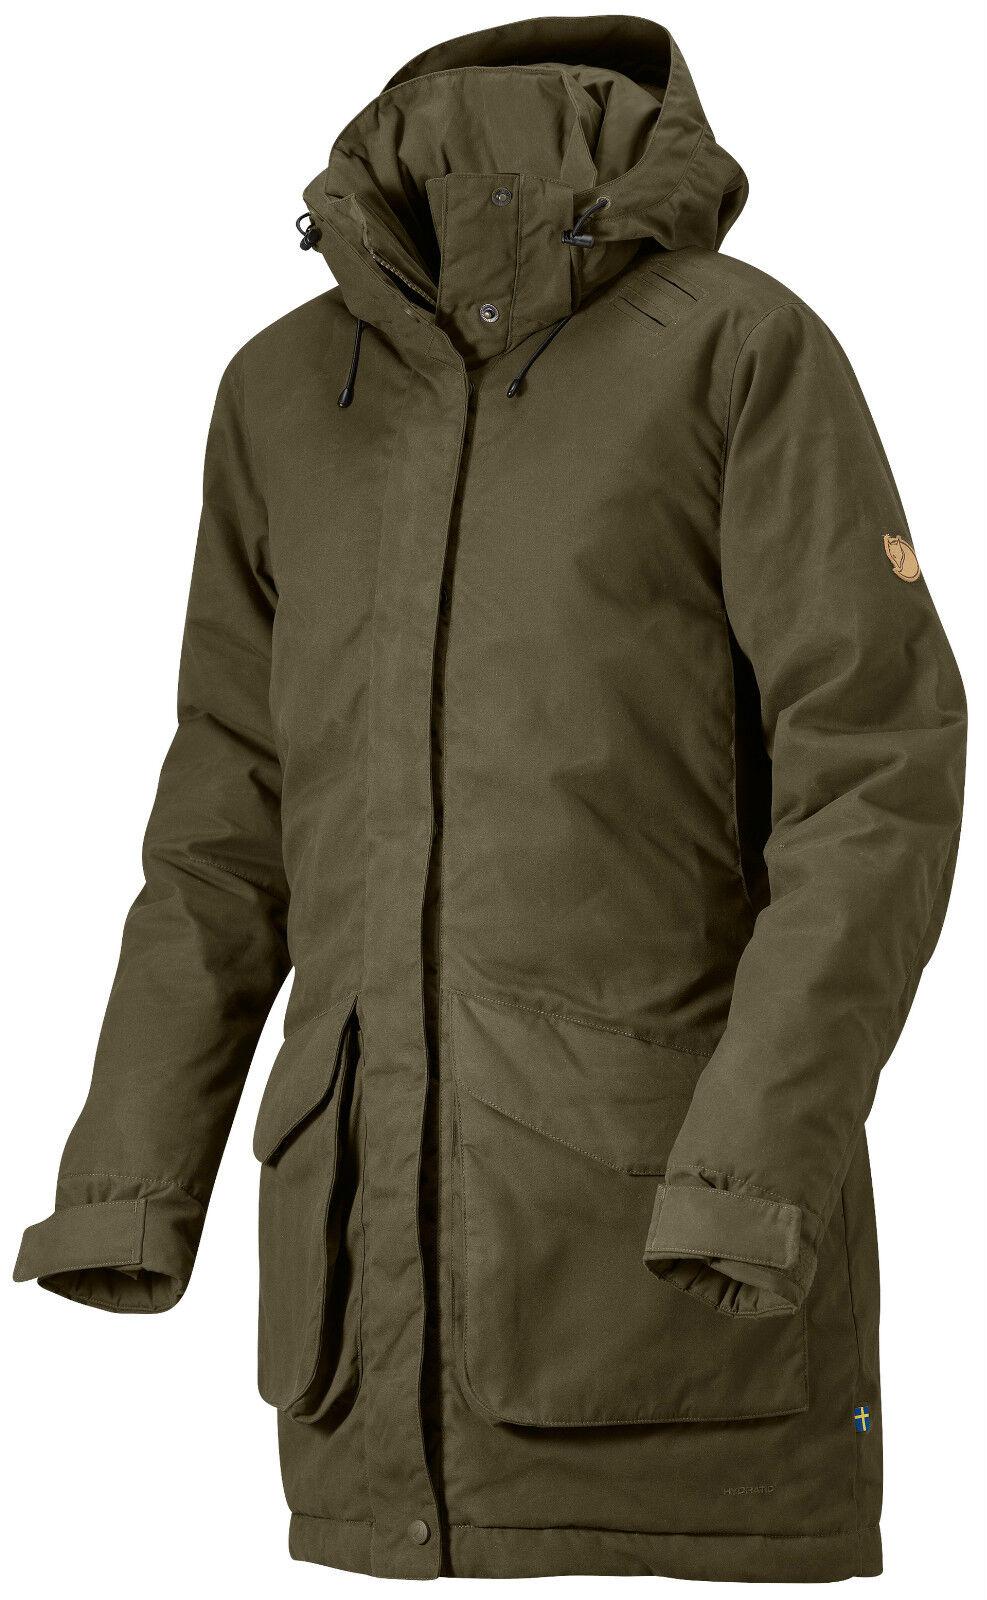 Fjällräven högvilt Jacket w. 90334 Dark verde oliva g-1000 hydratic señora chaqueta de caza